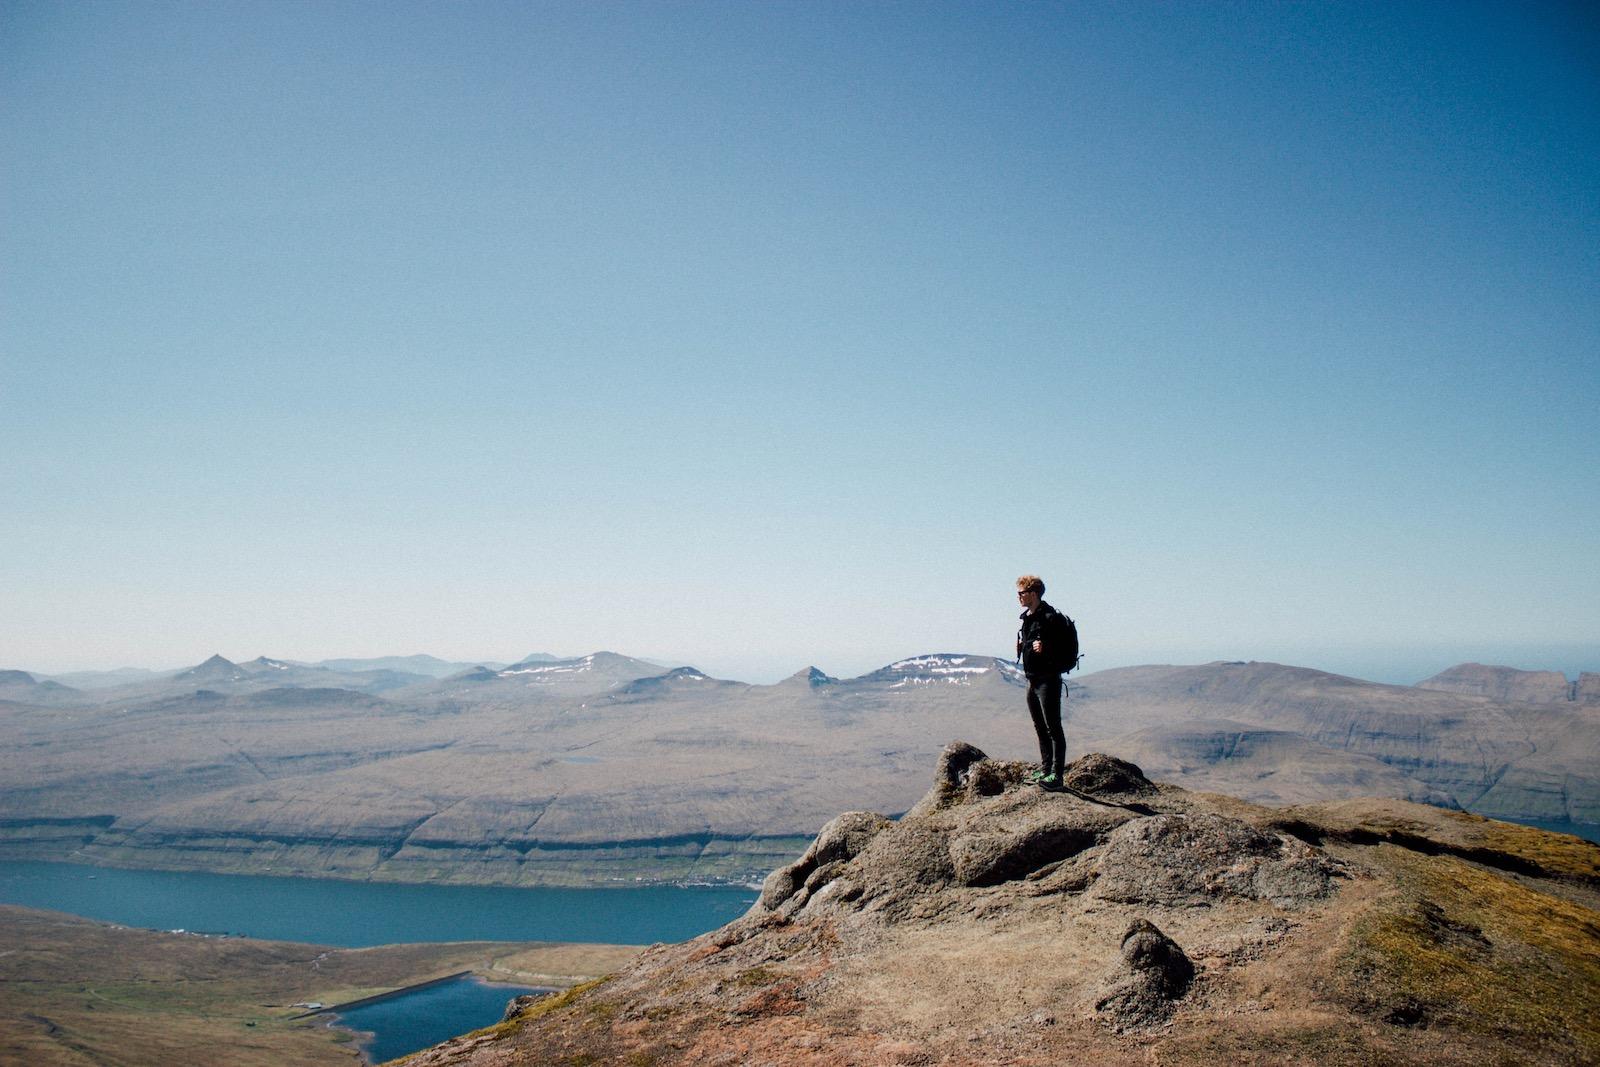 DepartDeux_Færøerne